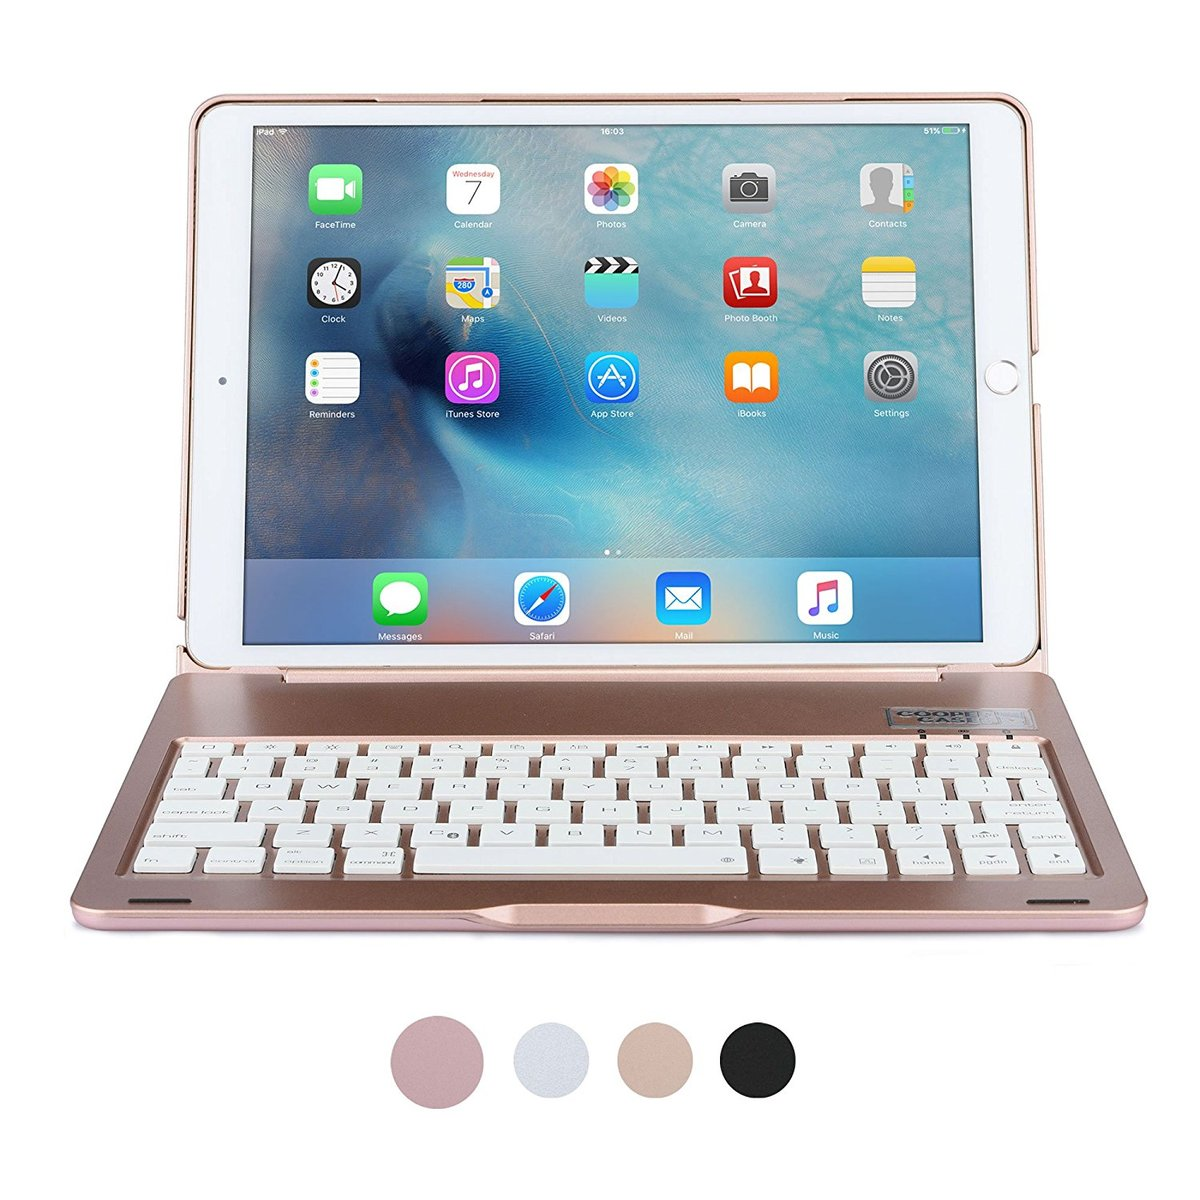 Pour étui à clavier iPad Pro 10.5, étui à clavier sans fil Bluetooth pour Apple iPad 10.5 A1701 A1709 étui pour tablette avec 7 rétroéclairage